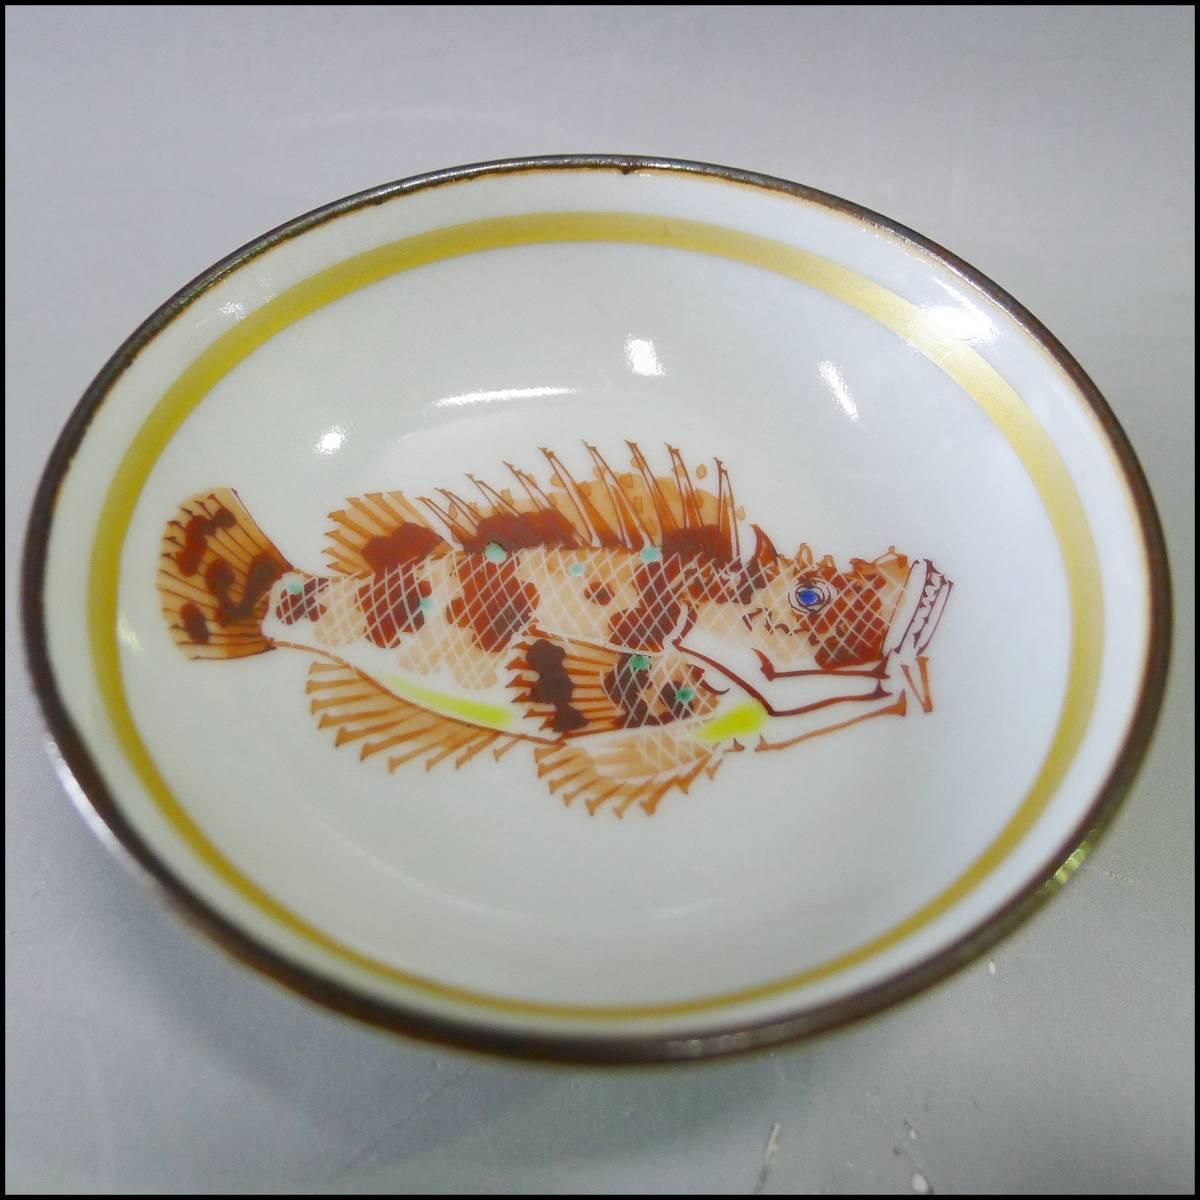 九谷焼 武腰 潤 赤絵鮫 酒盃 酒器